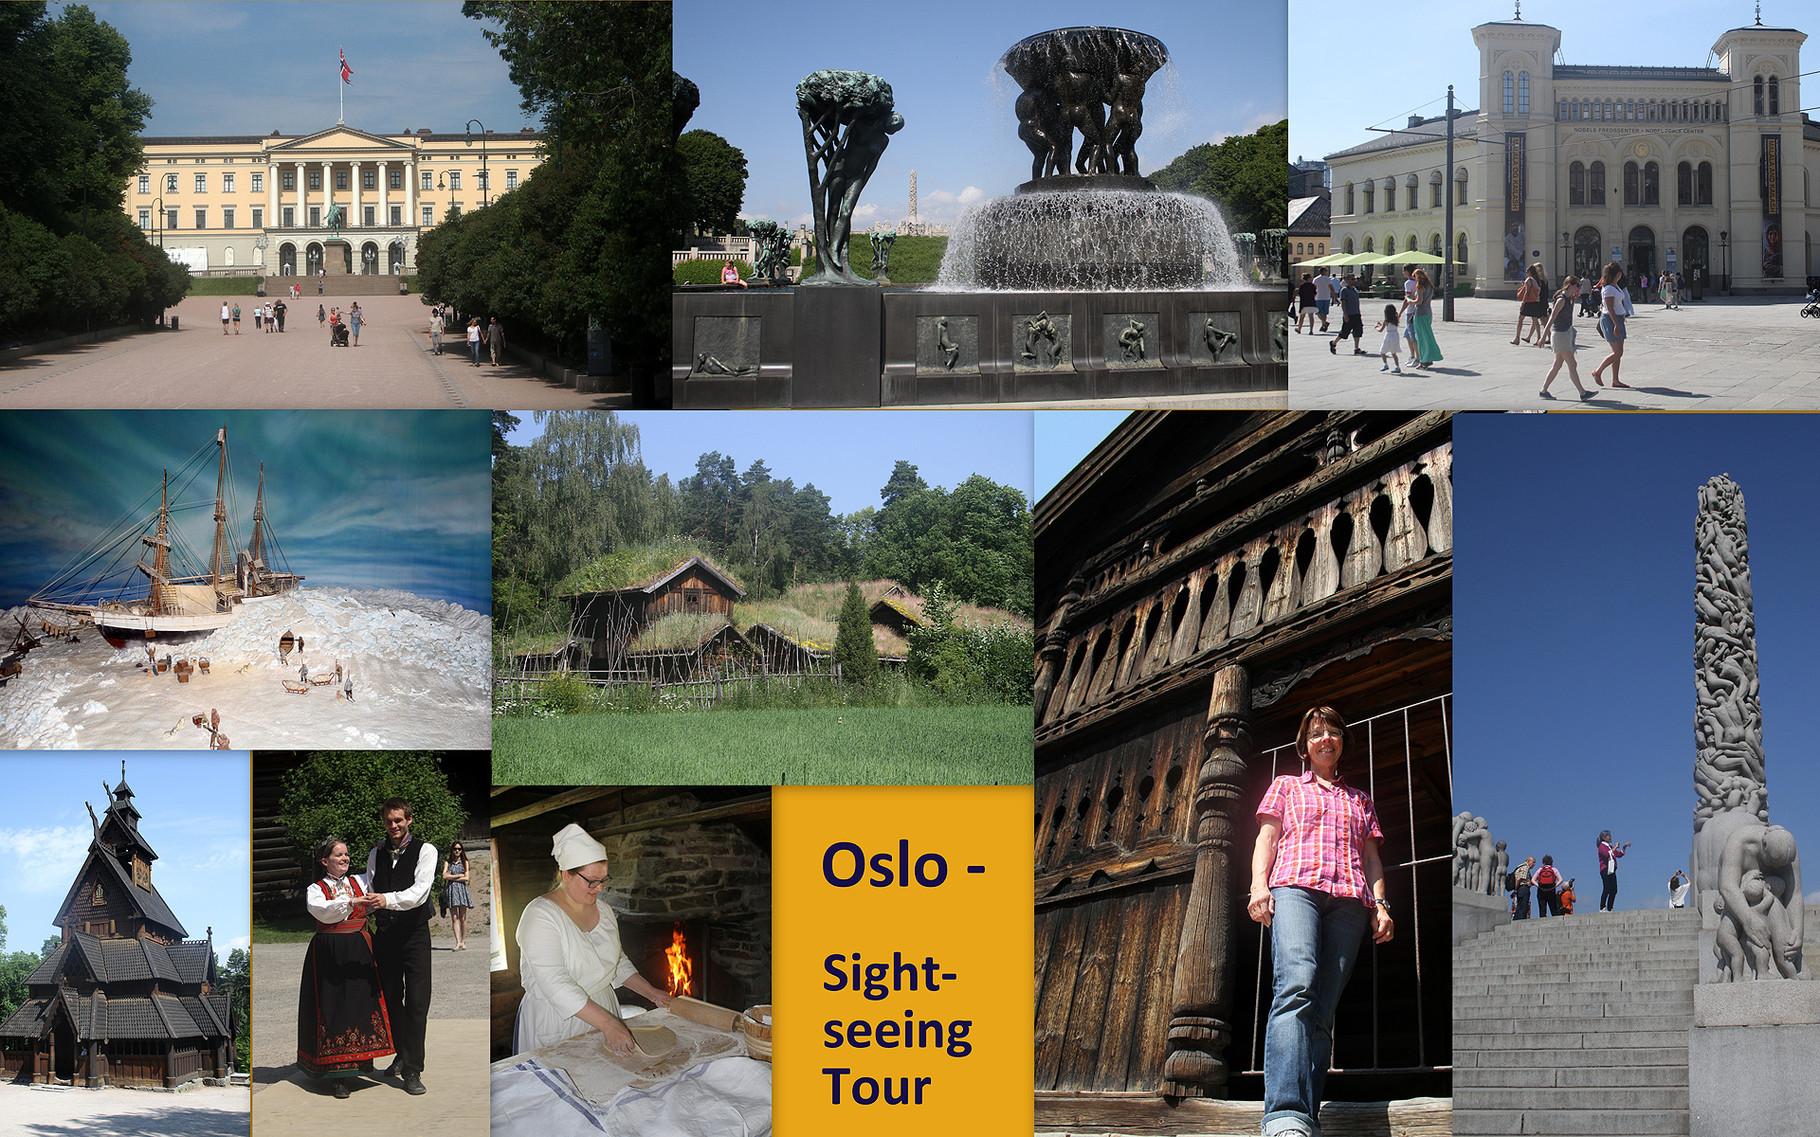 Den letzten Tag der Reise verbringen wir mit Sightseeing im etwas wärmeren Oslo.